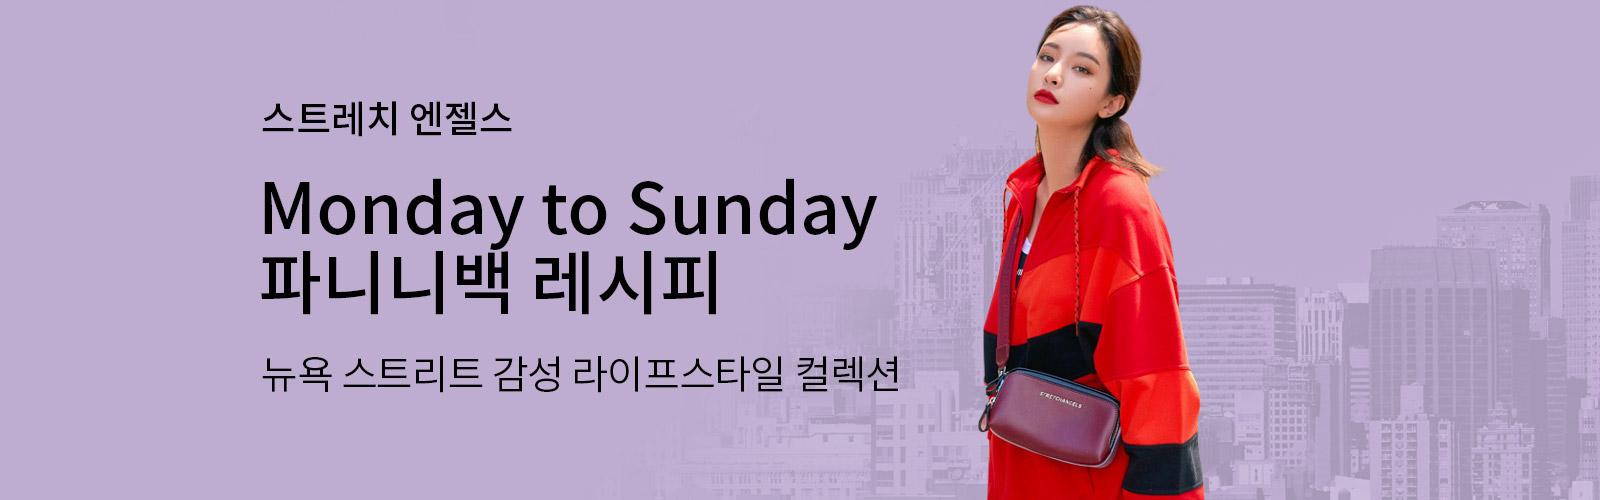 스트레치 엔젤스 Monday to Sunday 파니니백 레시피 뉴욕 스트리트 감성 라이프스타일 컬렉션